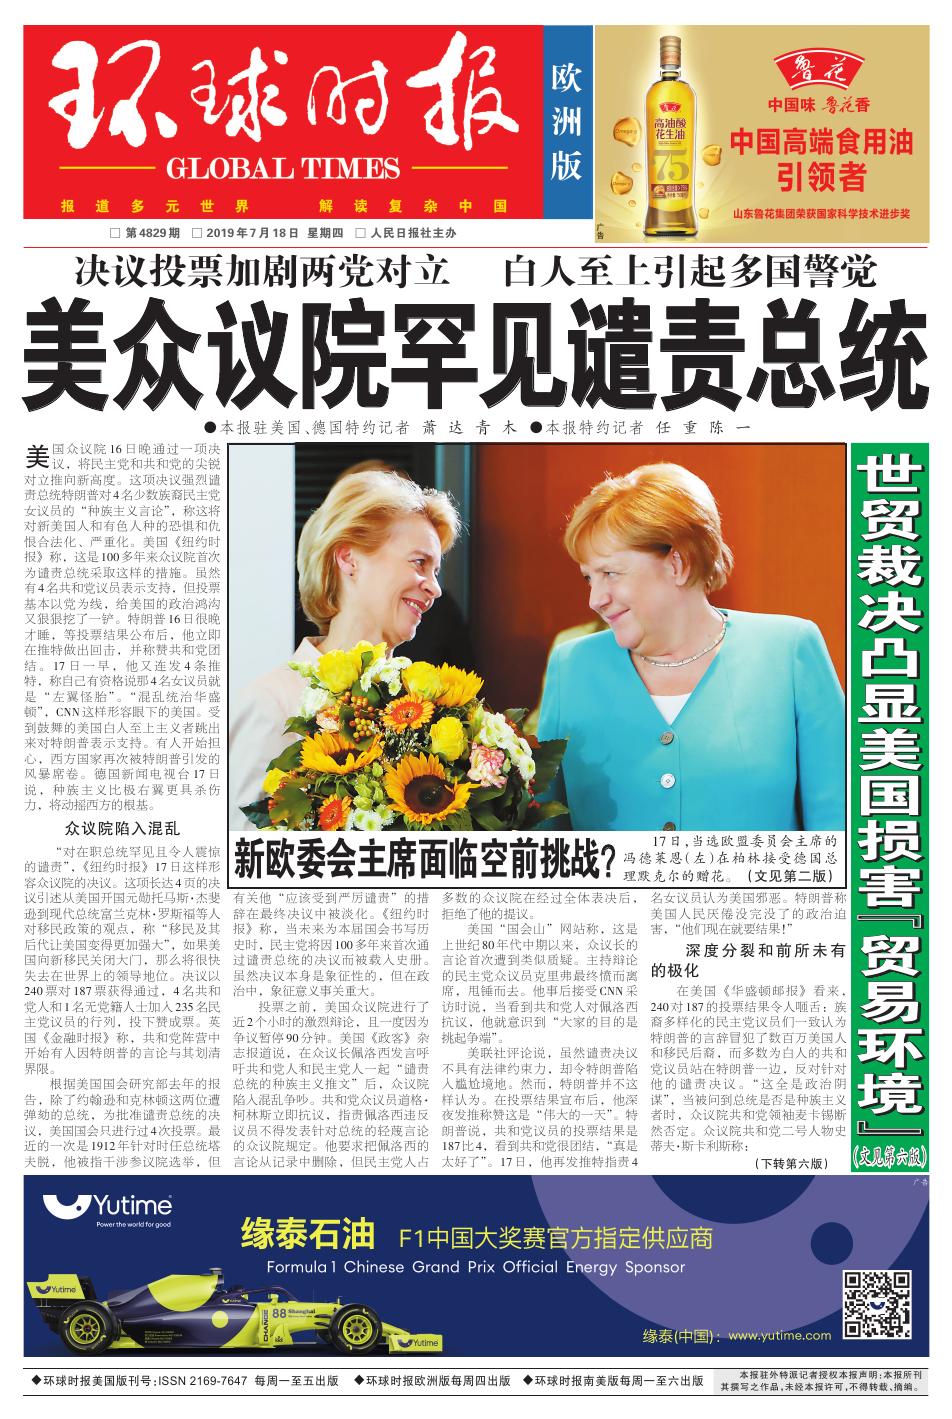 2019年7月18日环球时报欧洲版早知道